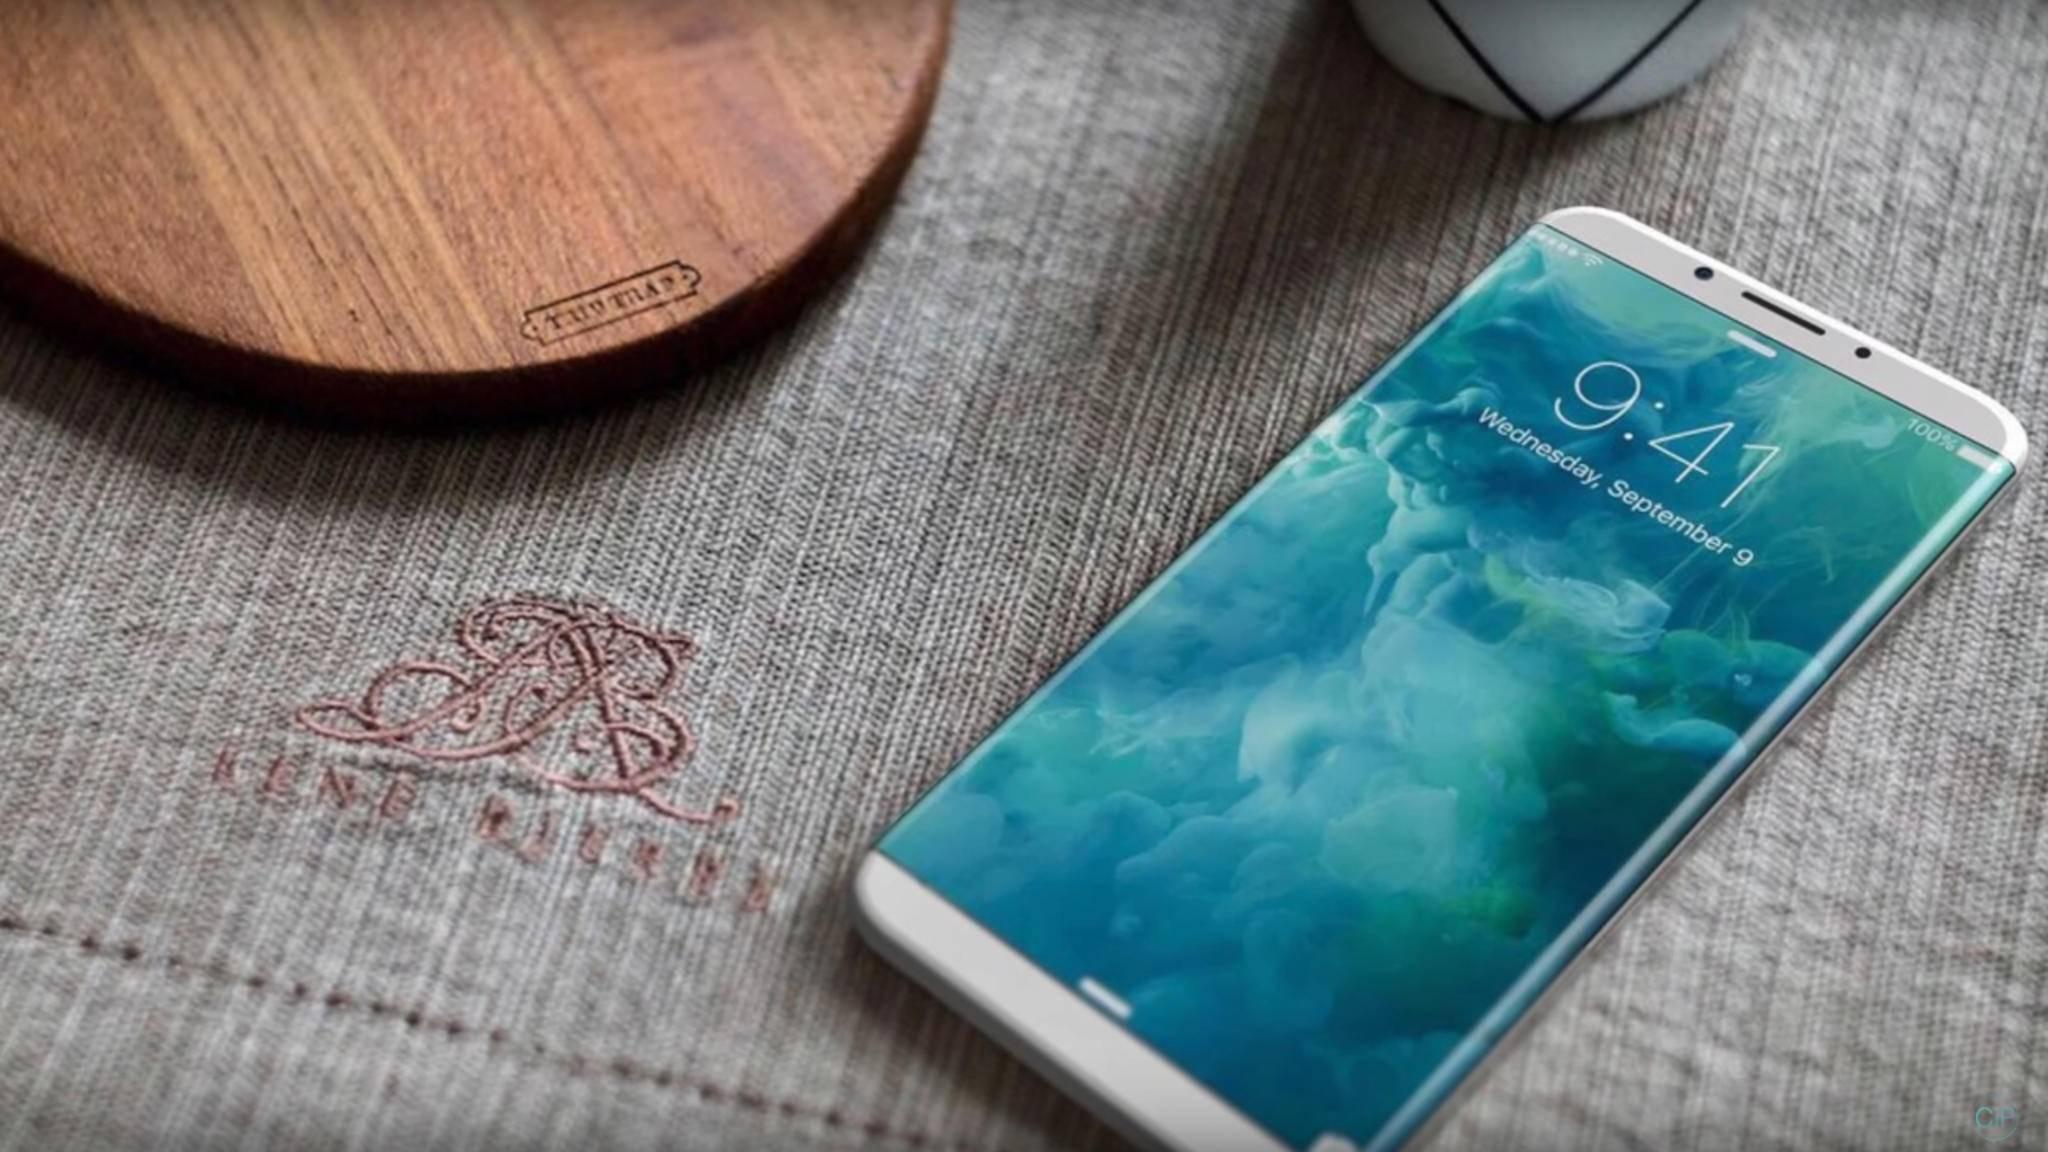 Das iPhone 8 Plus soll in zwei Varianten erscheinen, eine davon mit OLED.